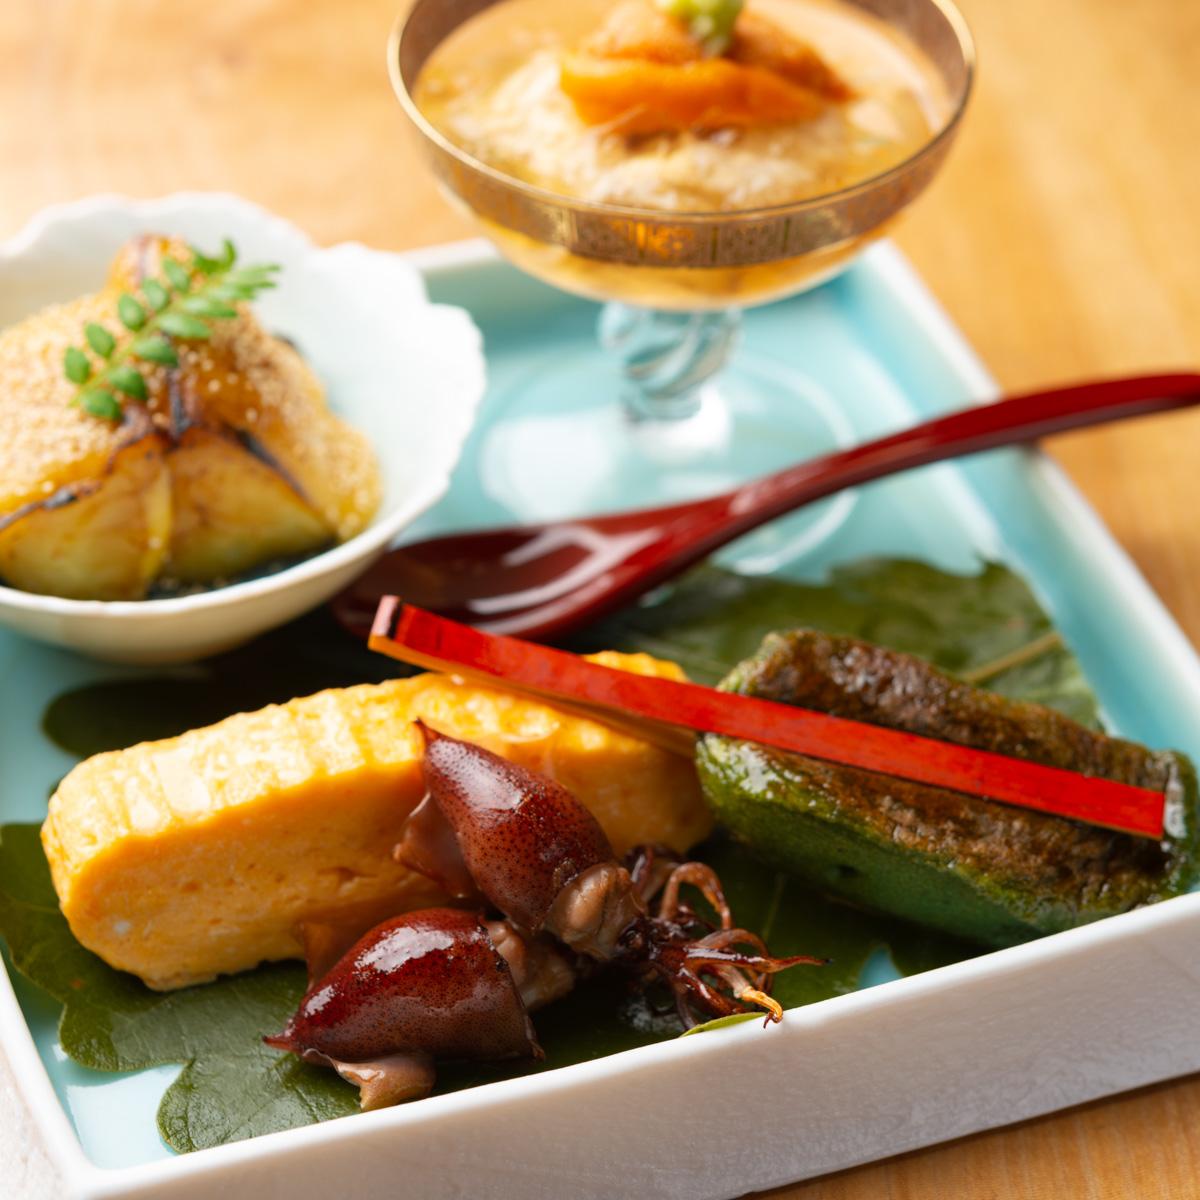 八寸|富山湾内蛍いかの醤油焼き、丸茄子の田楽、雲丹と生湯葉、蓬麩の照り焼き、出し巻き玉子